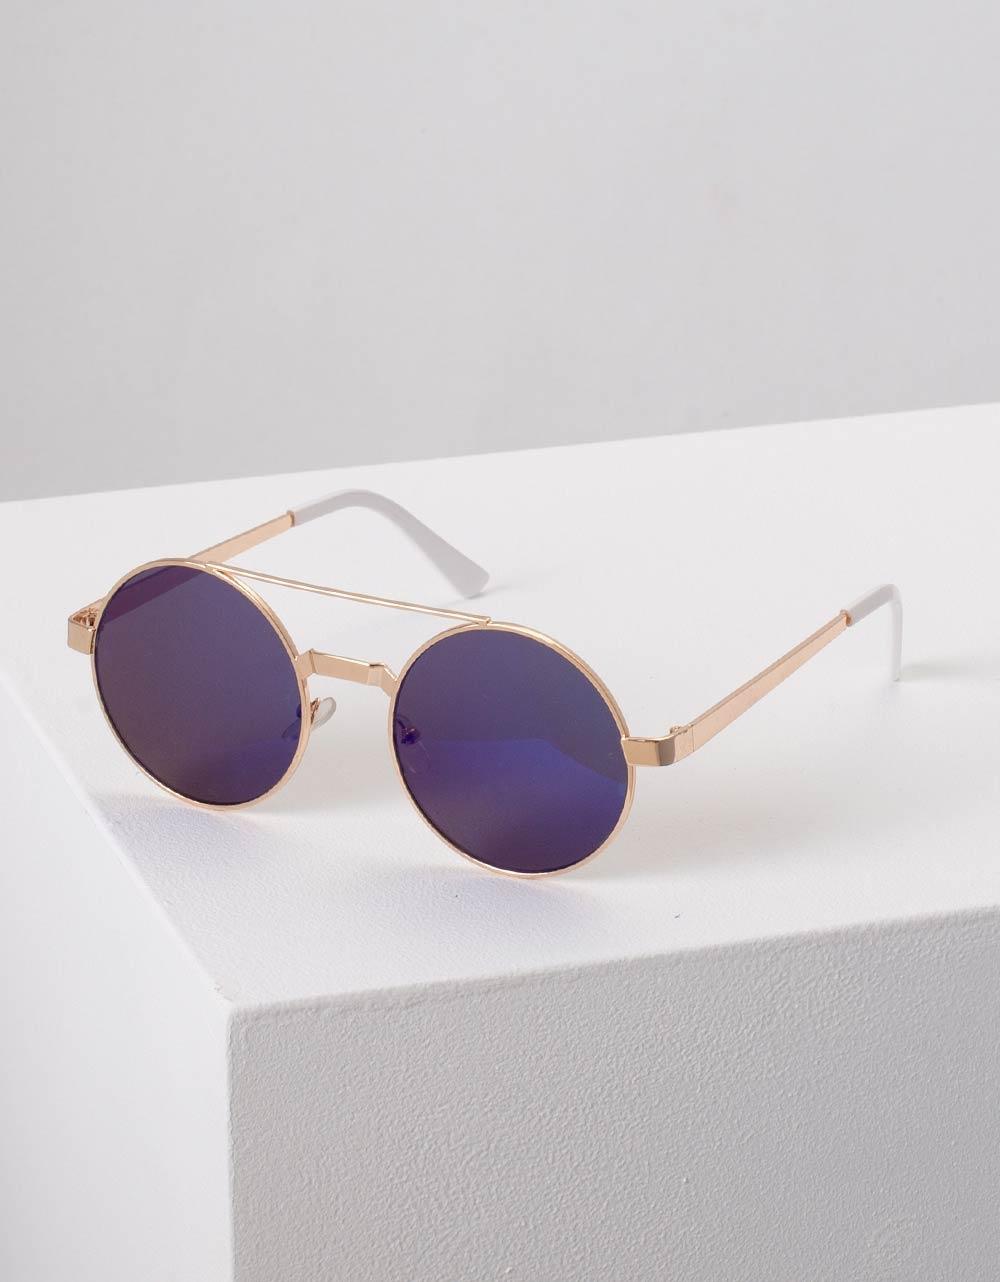 Εικόνα από Γυναικεία γυαλιά ηλίου στρογγυλά Μπλε